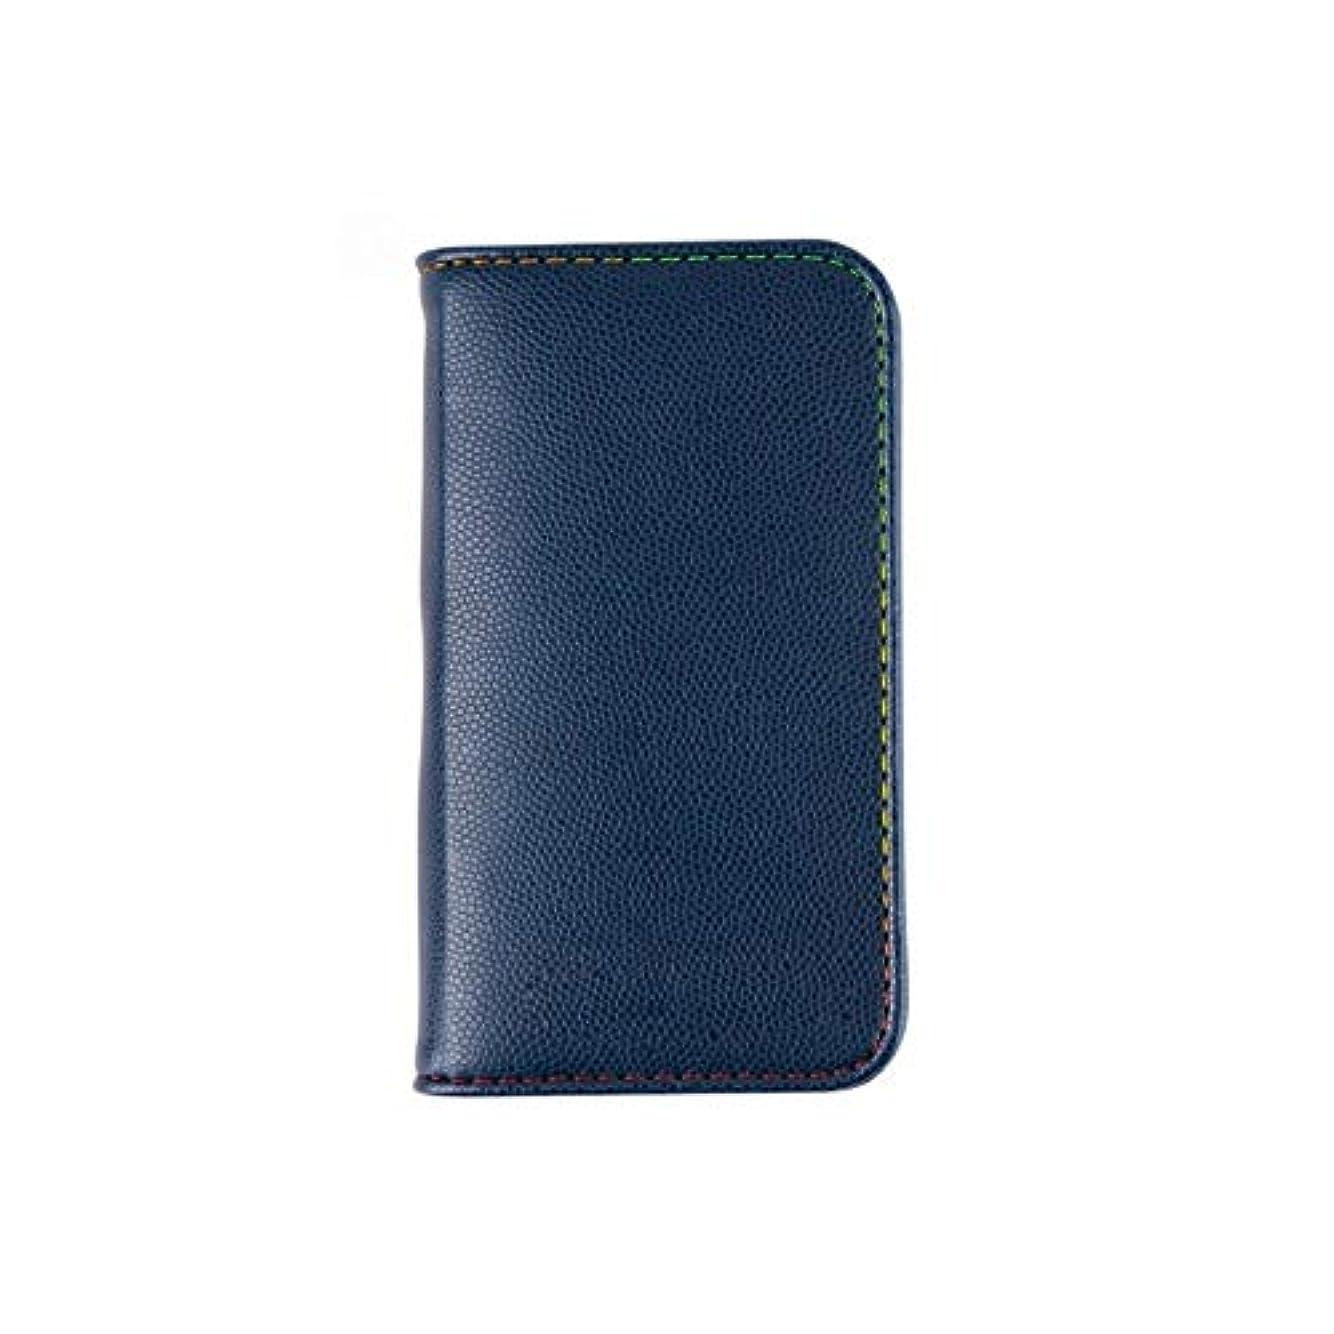 寛解失敗バスタブJIAYIZS ナイフ美容ツールを金メッキのデッド皮膚にネイルクリッパープライヤー7点セットネイルマニキュアツールペディキュア (Color : Blue)